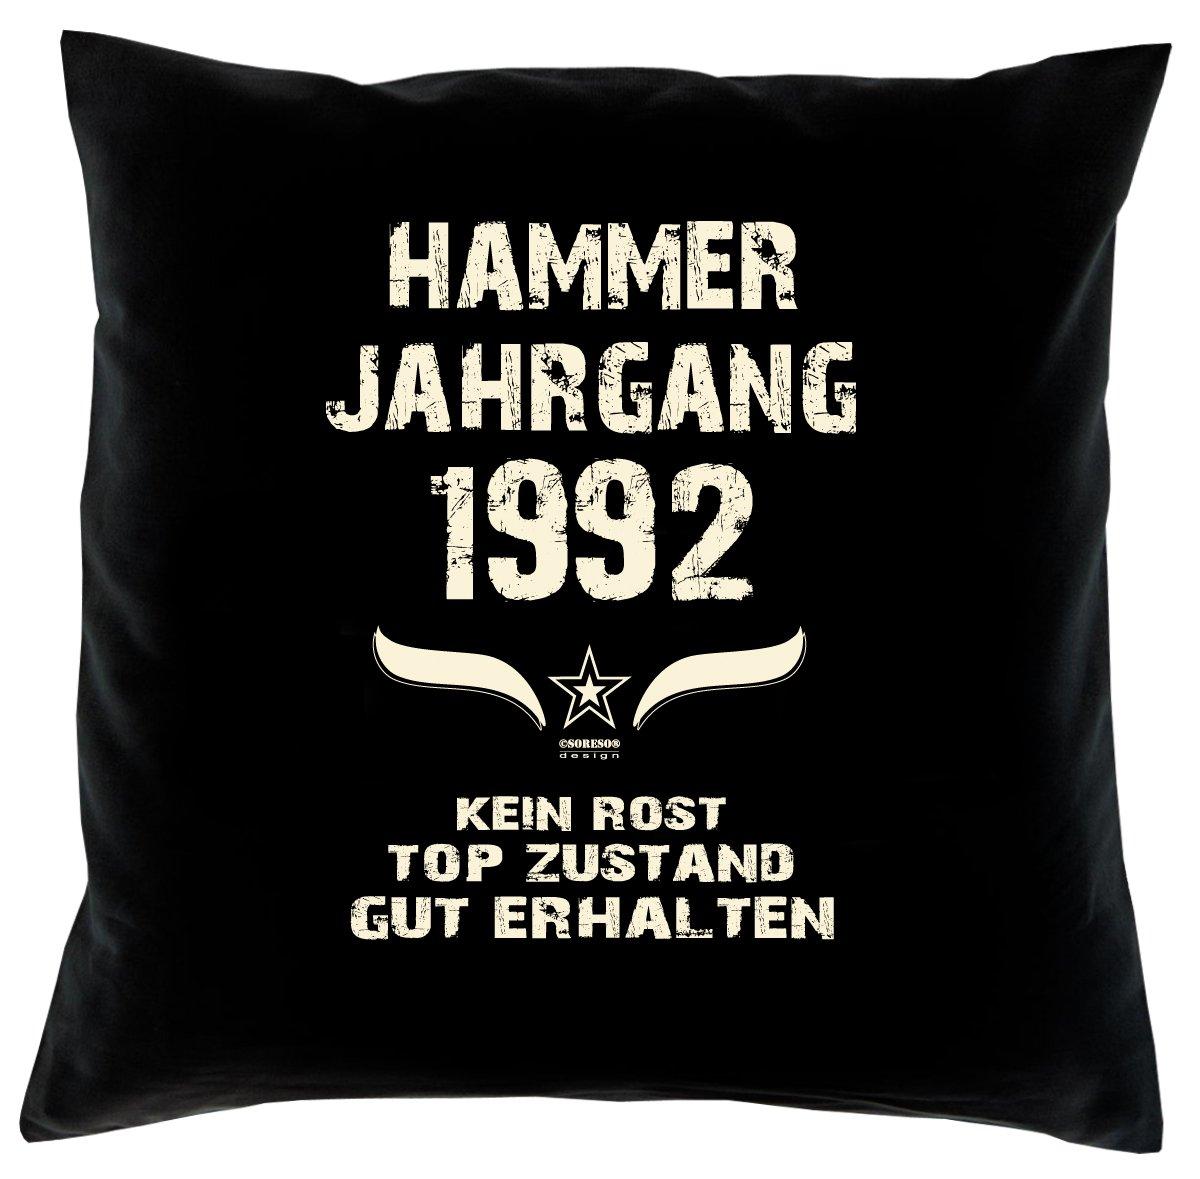 Cooles – Fun – Kissen – Sitzkissen – Zum 24. Geburtstag – Hammer Jahrgang 1992 Farbe: Schwarz – Größe: 40 x 40 cm günstig bestellen